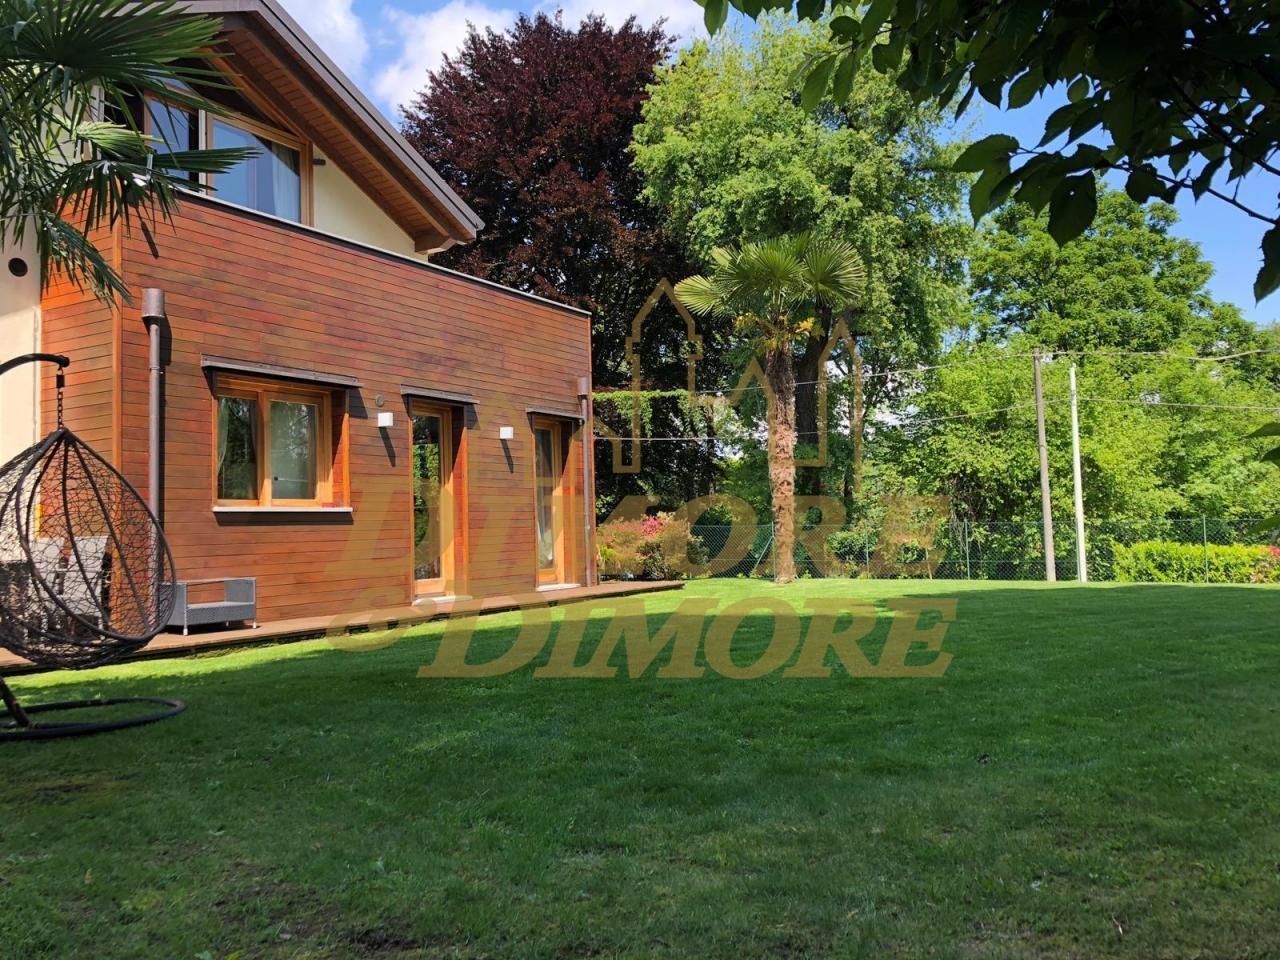 Villa in vendita a Ranco, 13 locali, Trattative riservate | CambioCasa.it